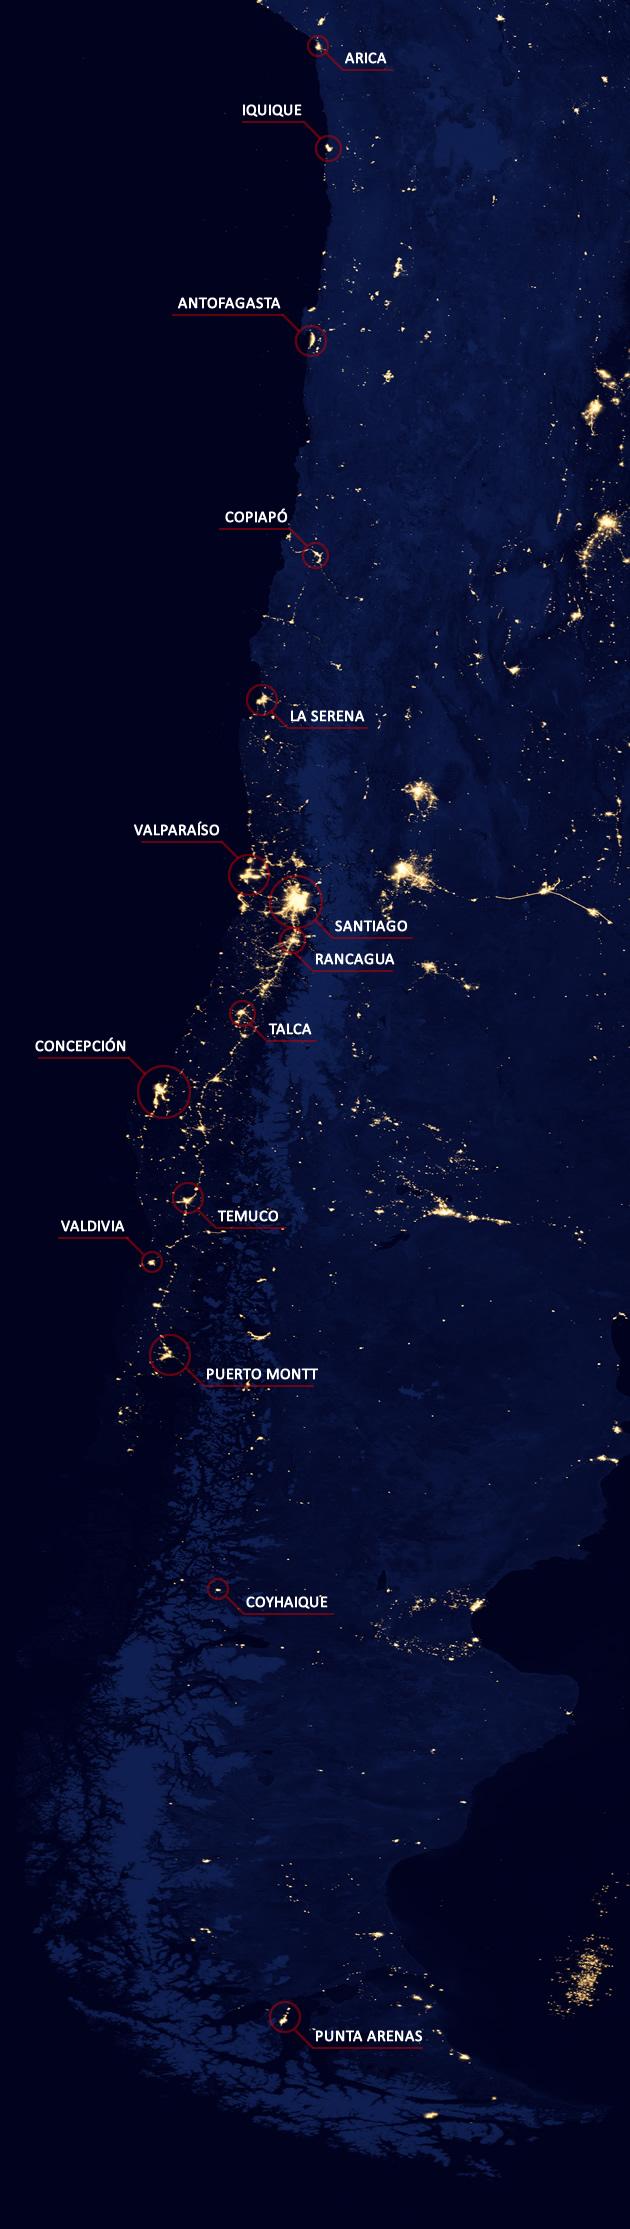 Chile Nocturno | BioBioChile/NASA